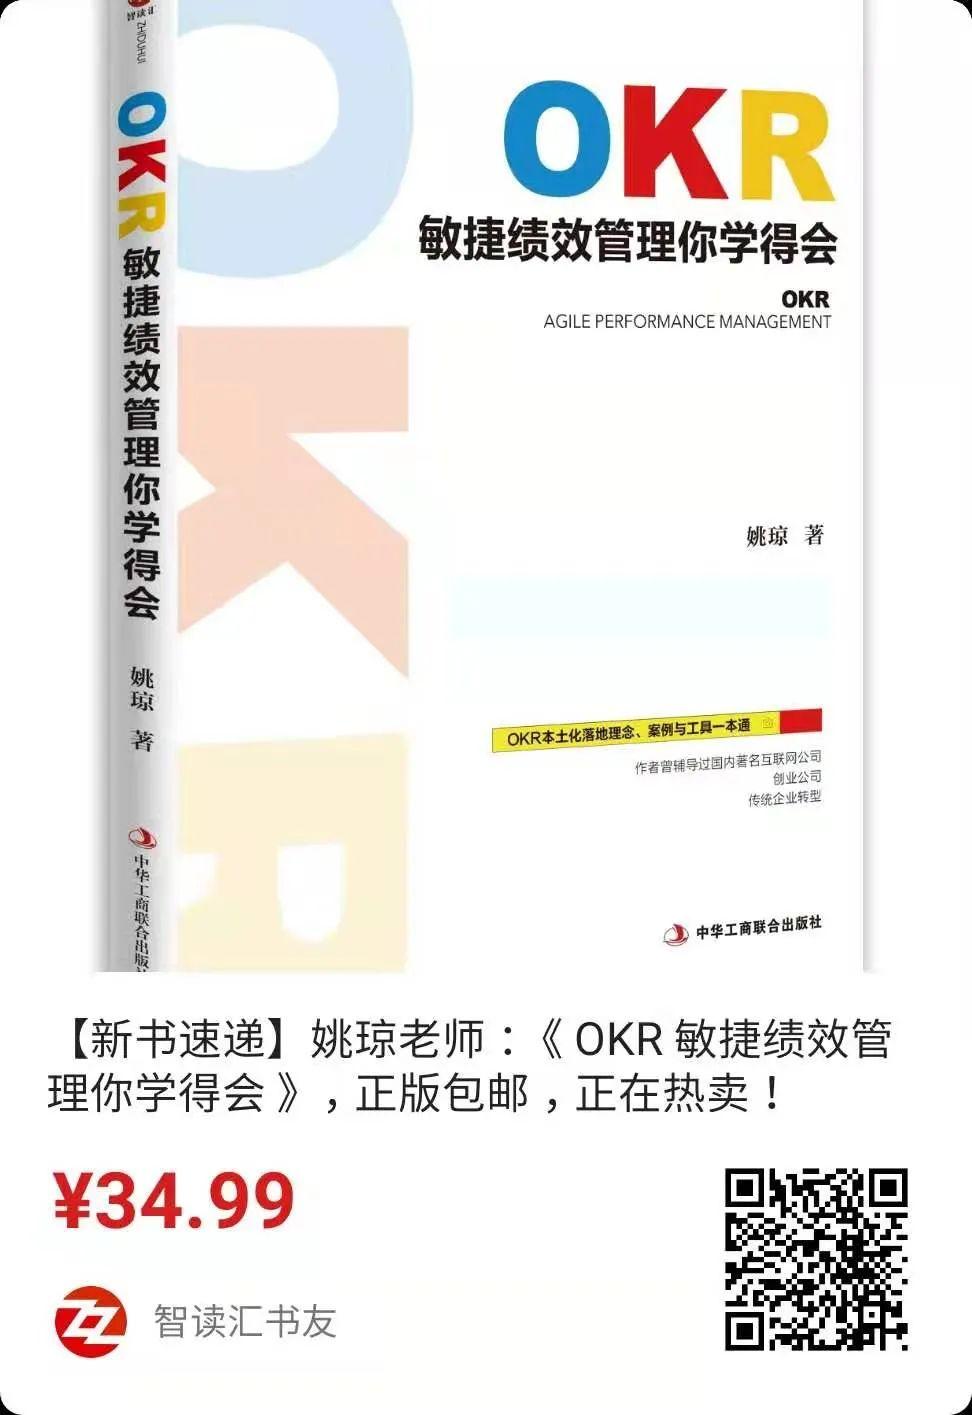 OKR助力远程办公进行时——远程办公与OKR目标管理不谋而合